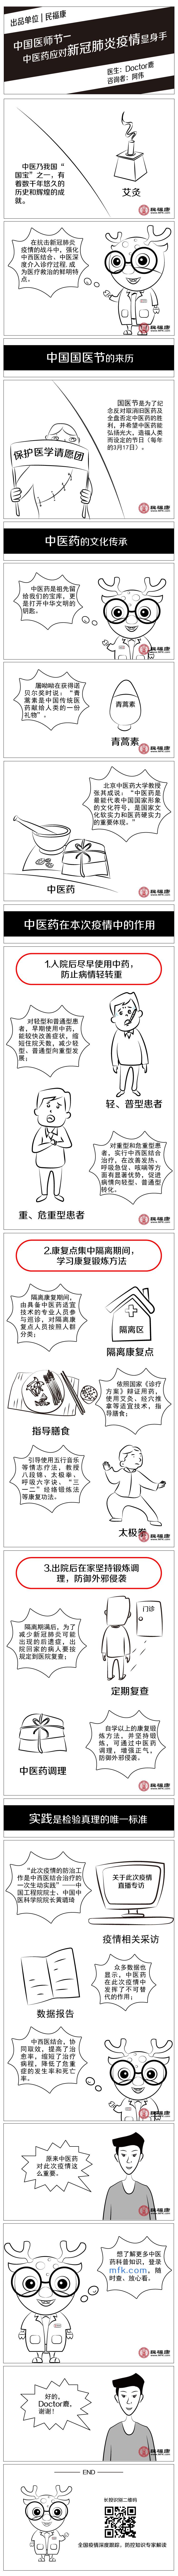 中国医师节-中医药应对新冠肺炎疫情显身手